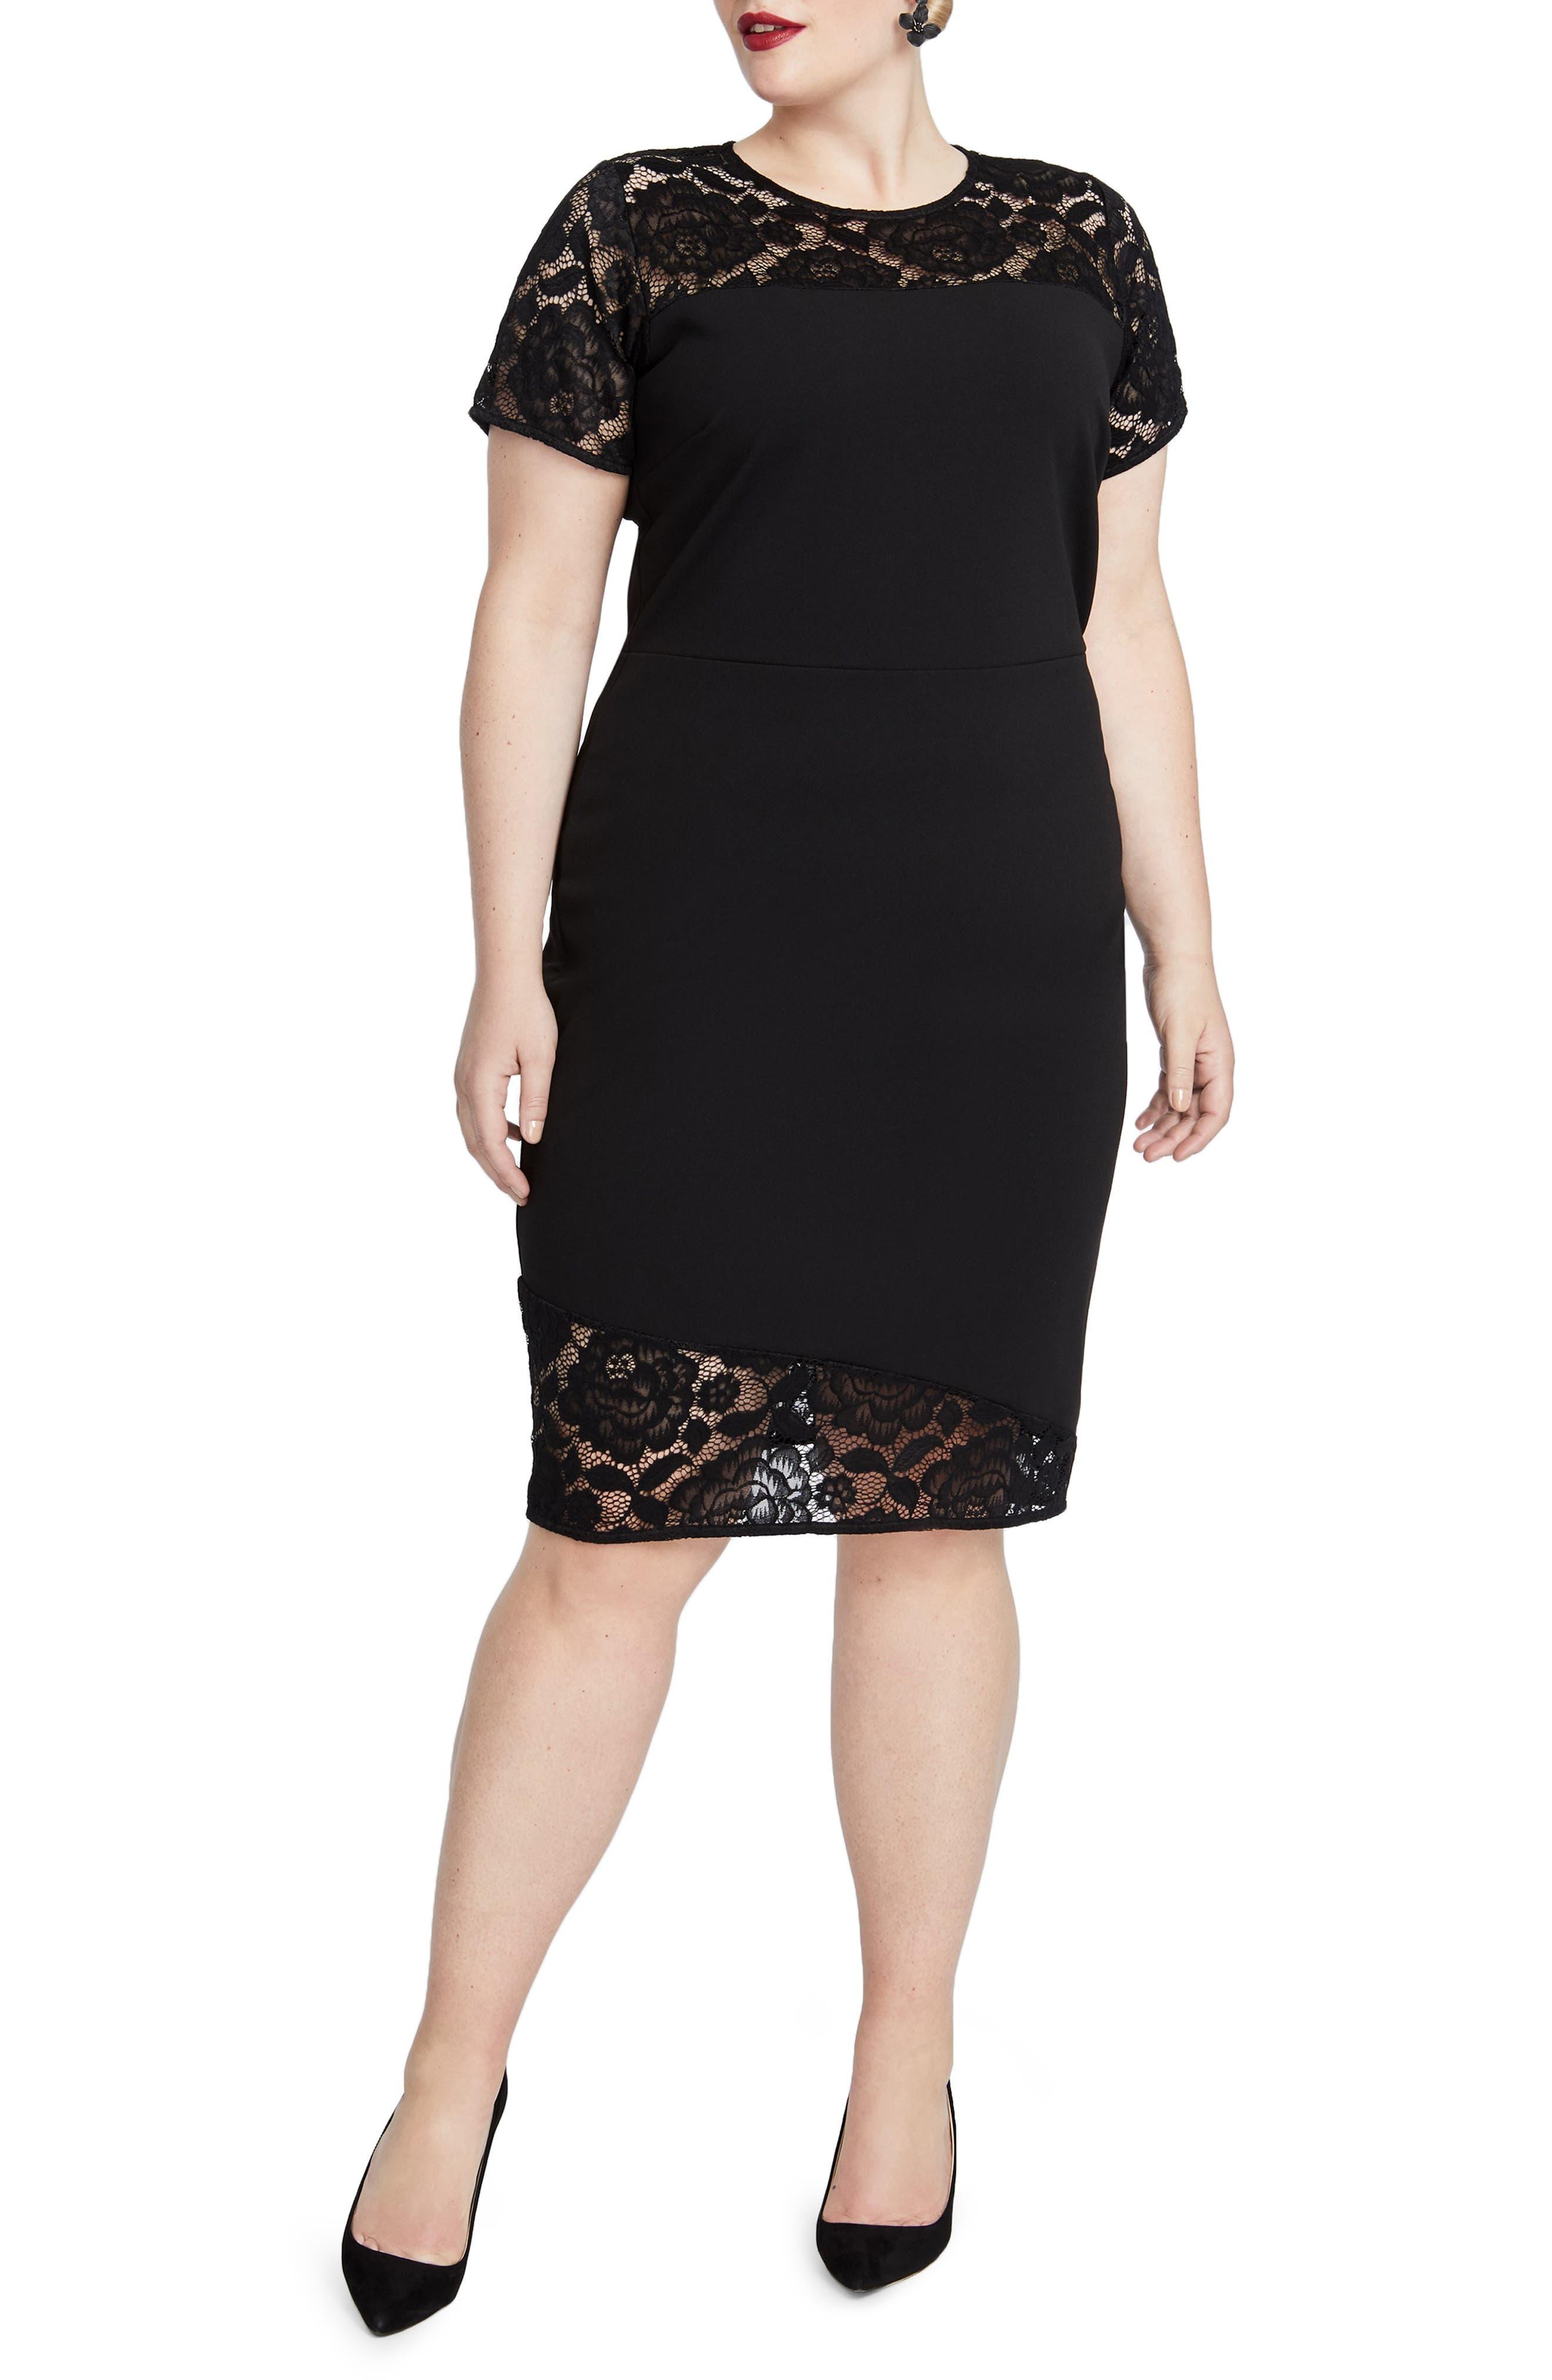 Plus Size Rachel Rachel Roy Jamie Lace Dress